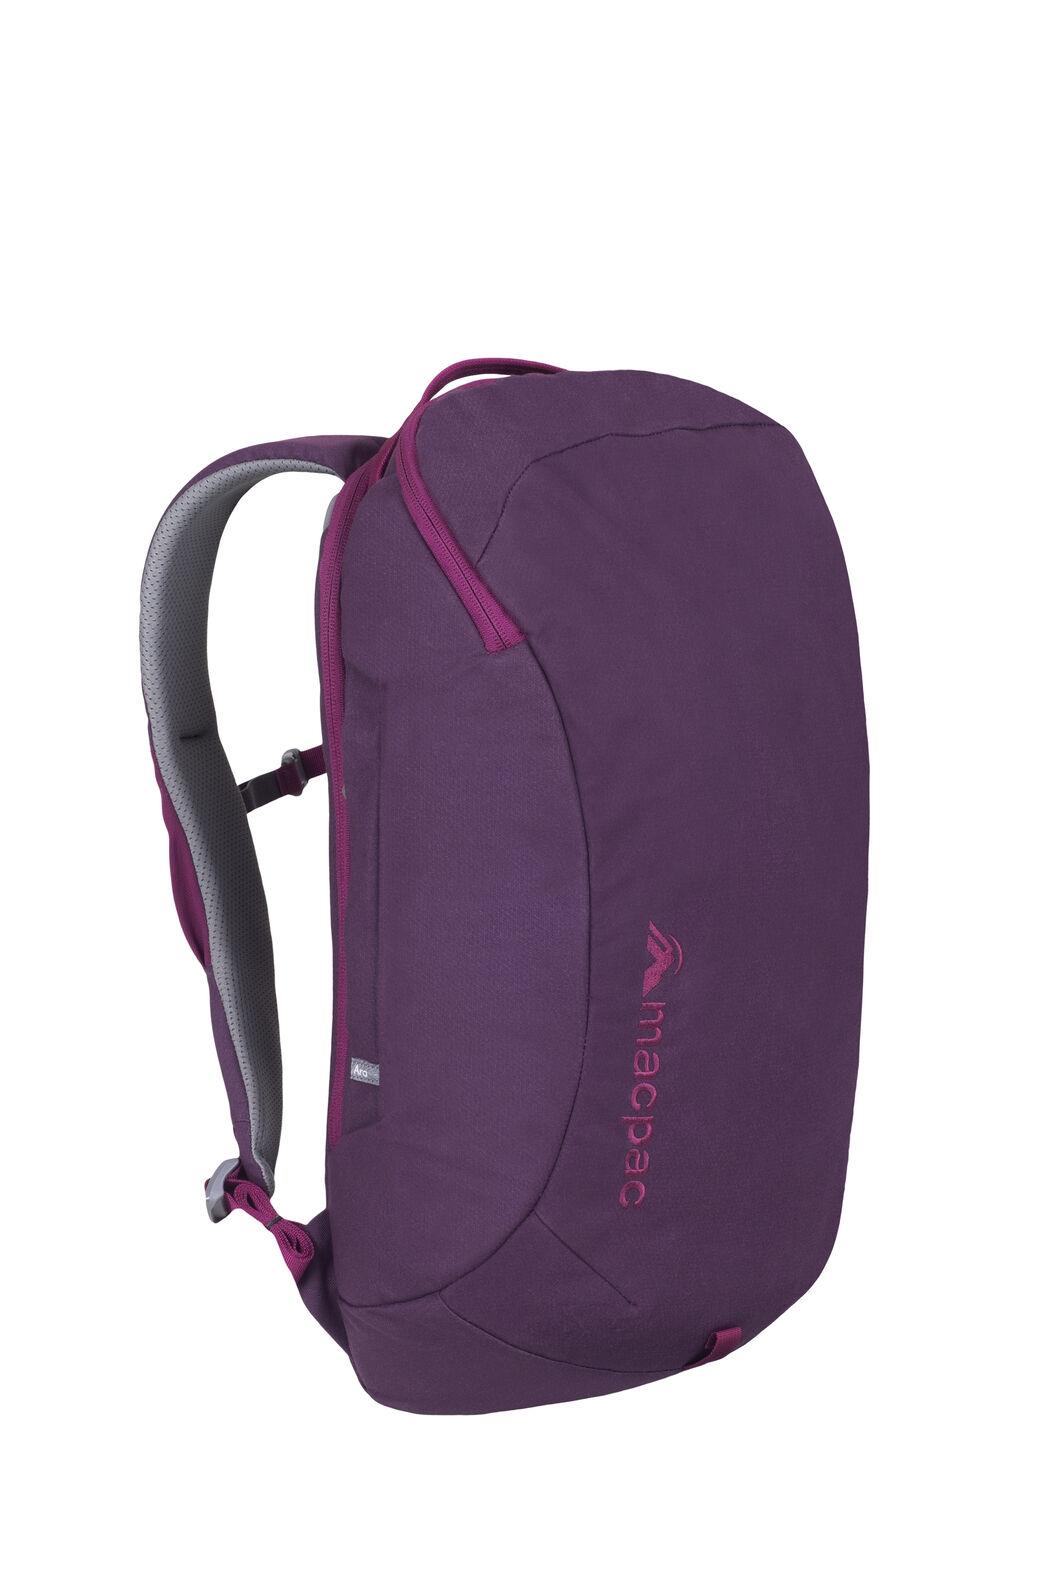 Macpac Ara 19L AzTec® Backpack, Potent Purple, hi-res